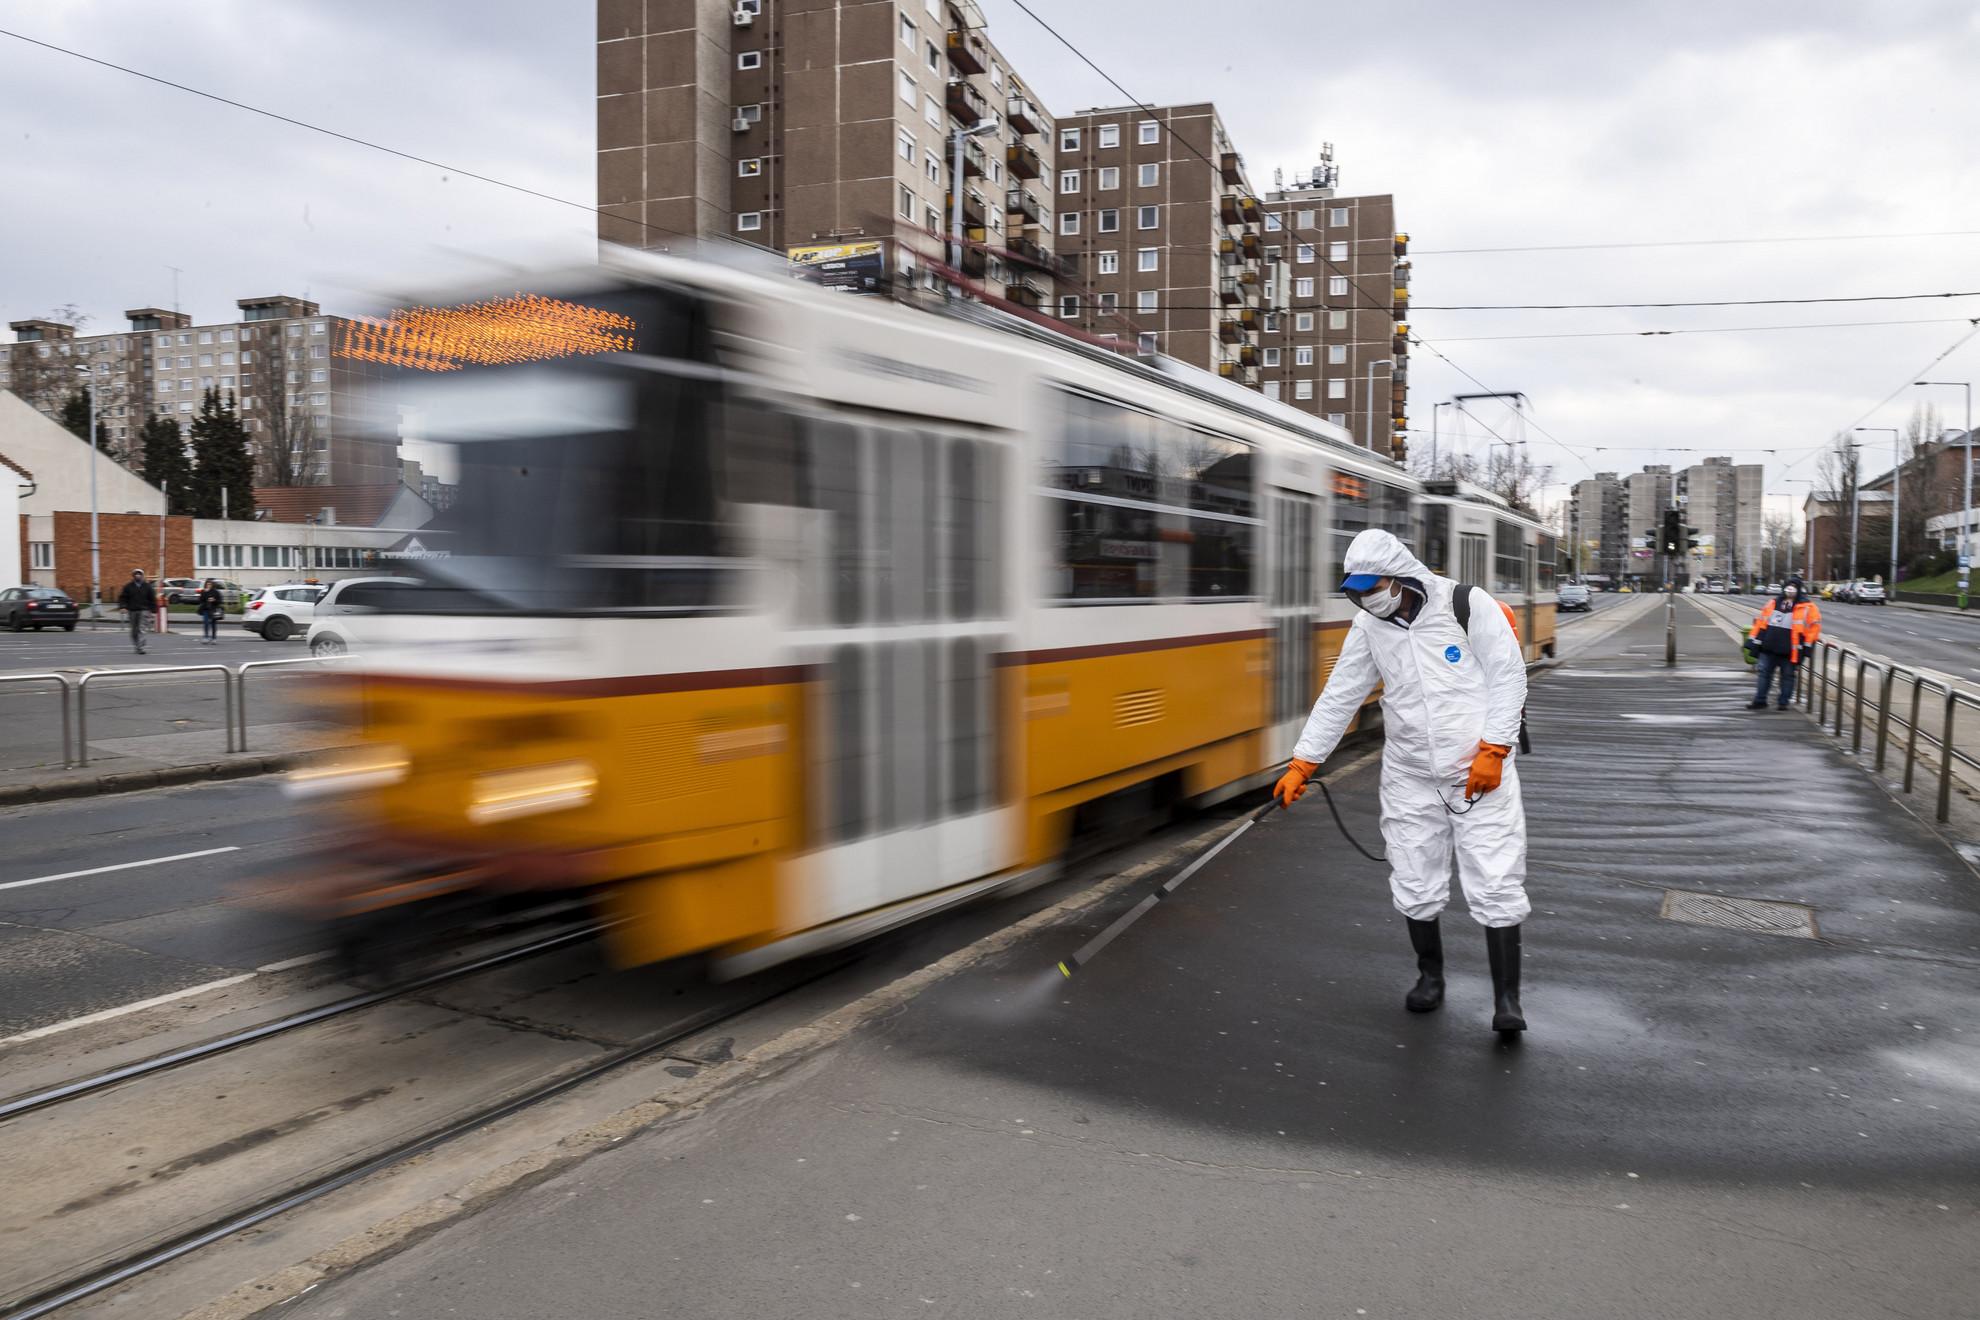 Villamosmegálló peronját fertőtleníti a Fővárosi Közterület-fenntartó (FKF) Zrt. munkatársa a koronavírus-járvány miatt Újpest-Központnál 2020. március 25-én